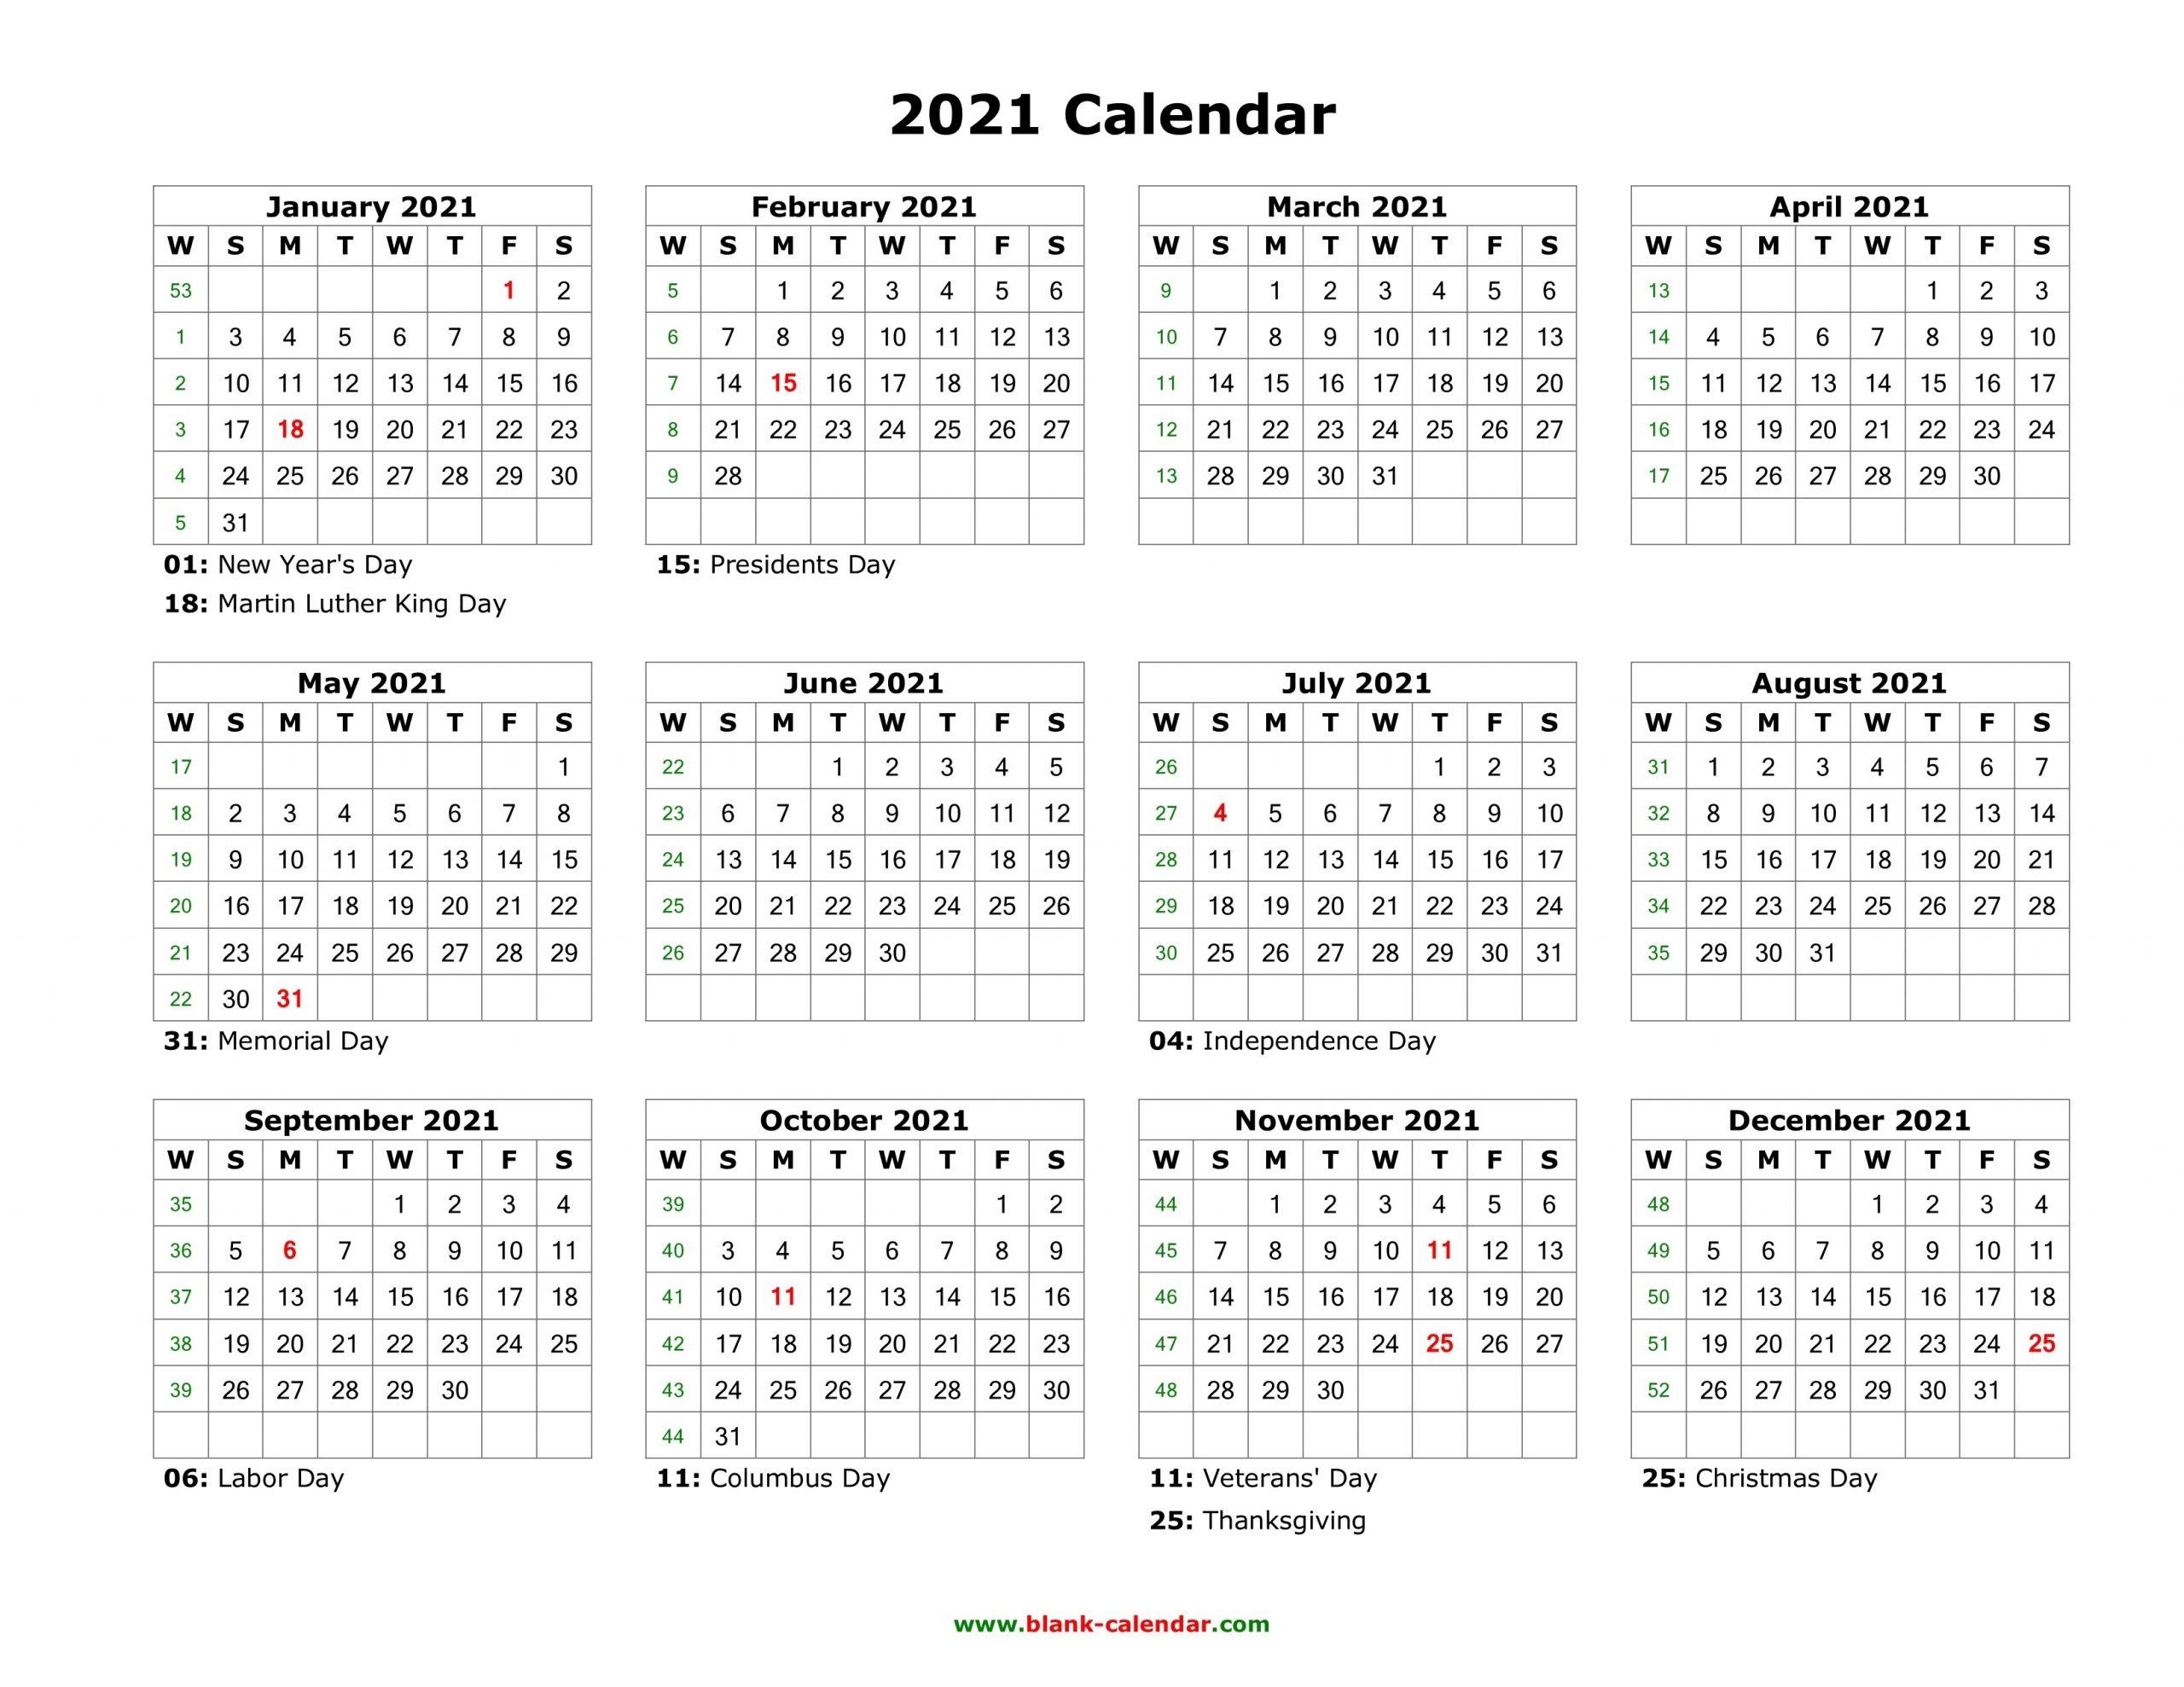 Blank Calendar 2021 | Free Download Calendar Templates-2021 Monthly Calendar Template Word